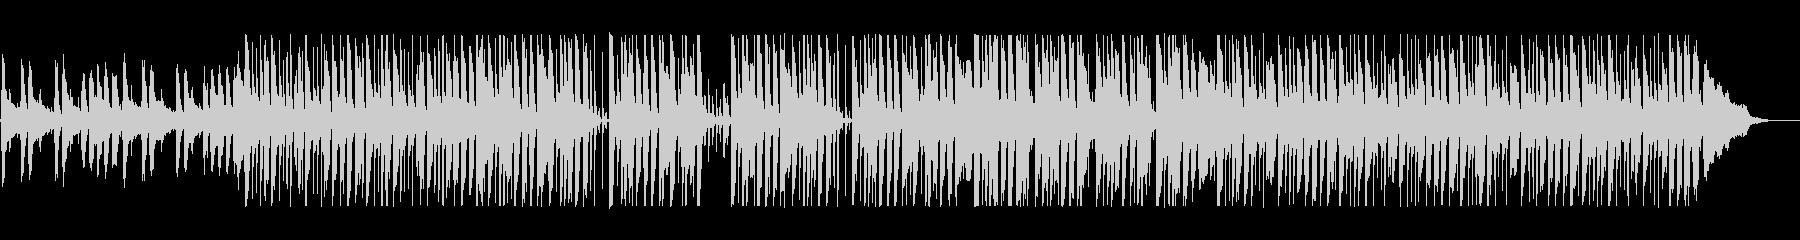 リズミカルでキャッチ―なポップサウンドの未再生の波形